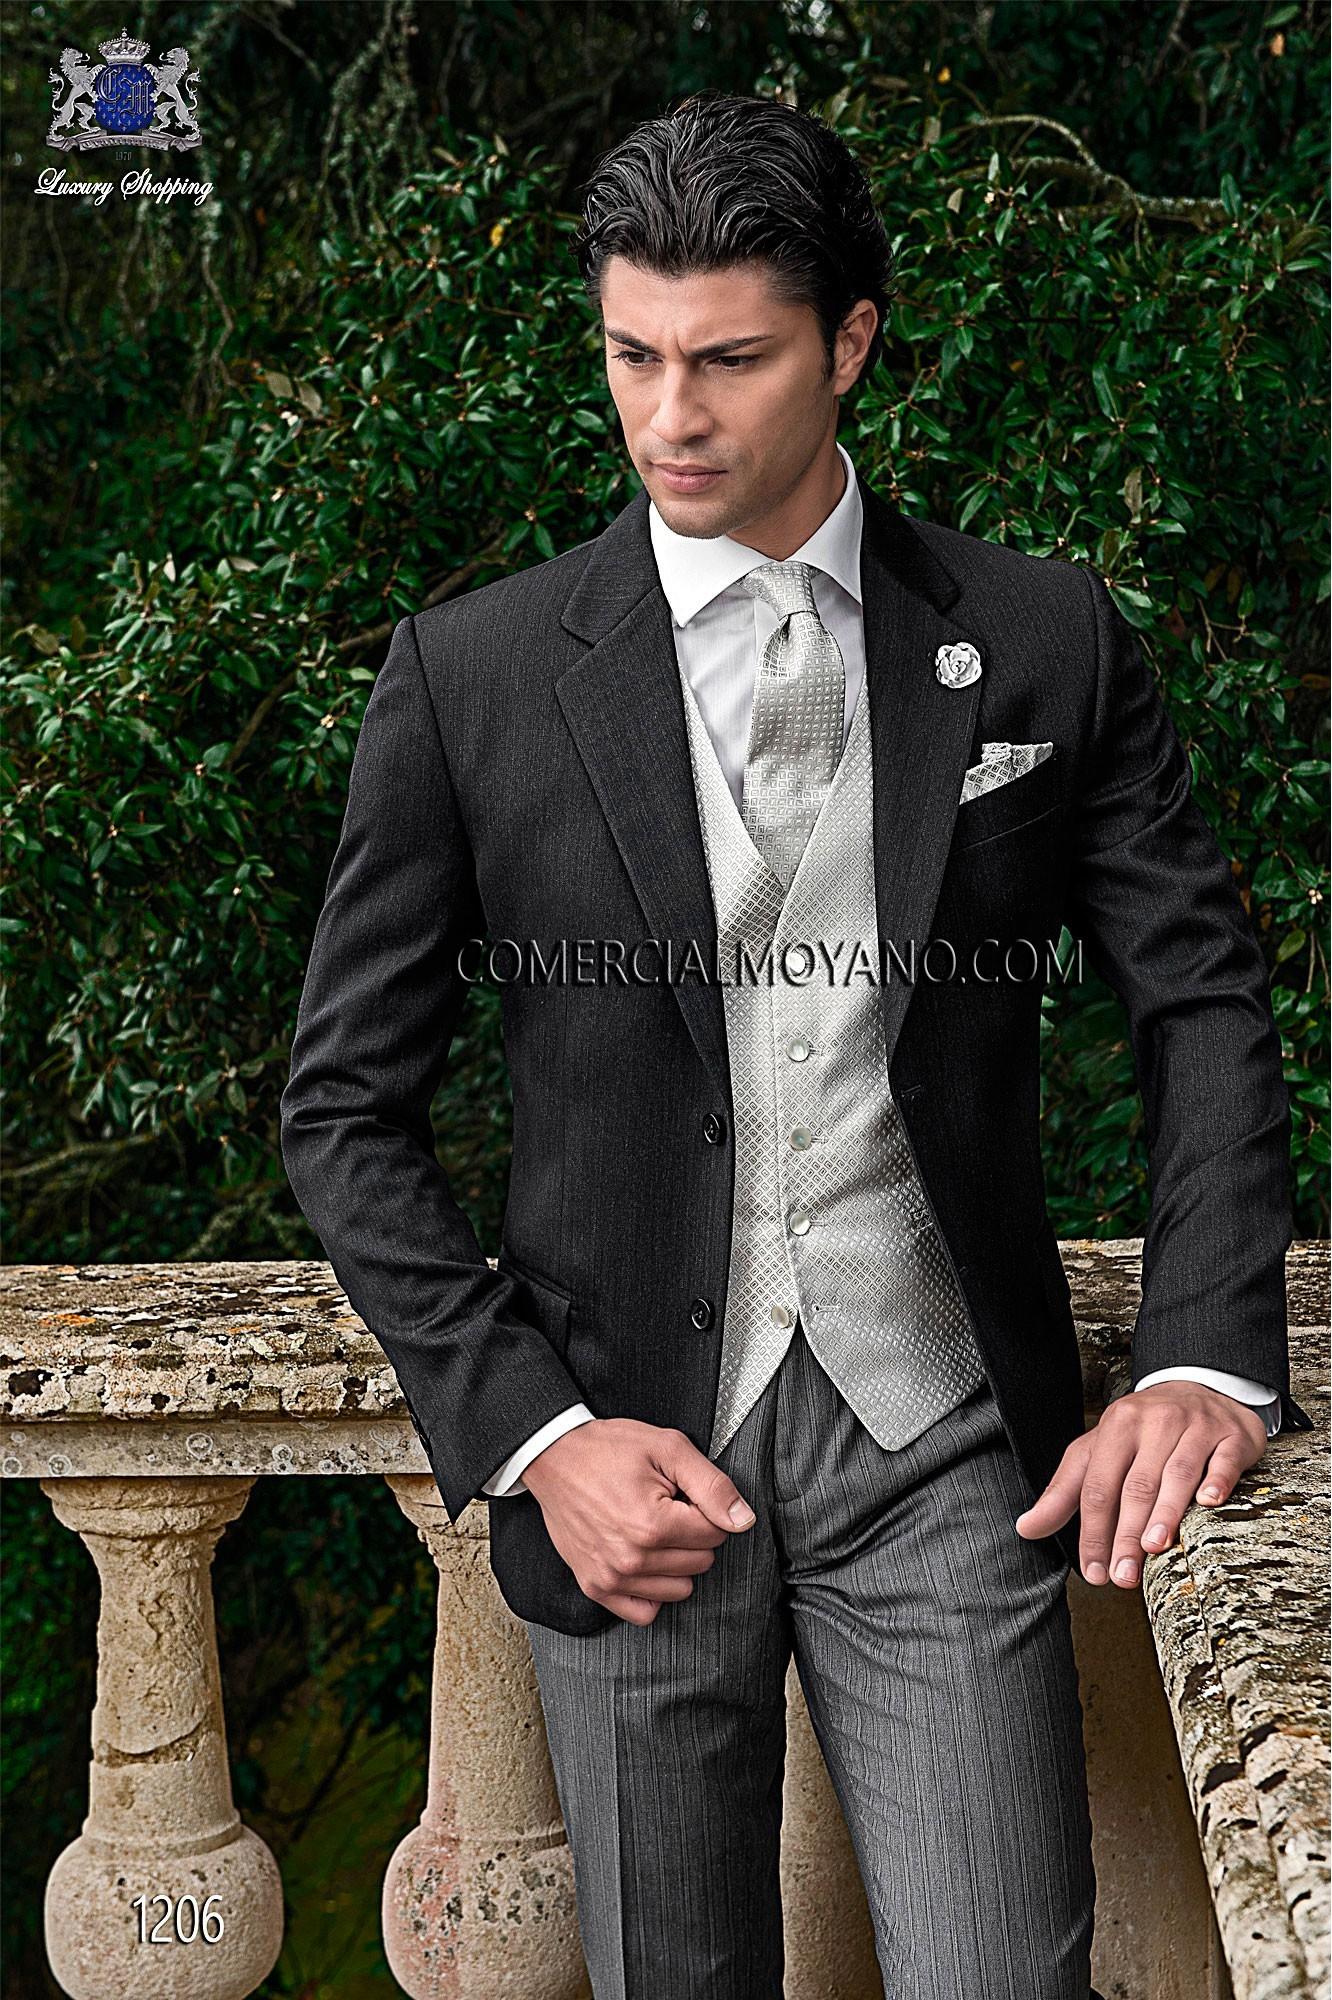 Traje de novio italiano gris modelo: 1206 Ottavio Nuccio Gala colección Gentleman